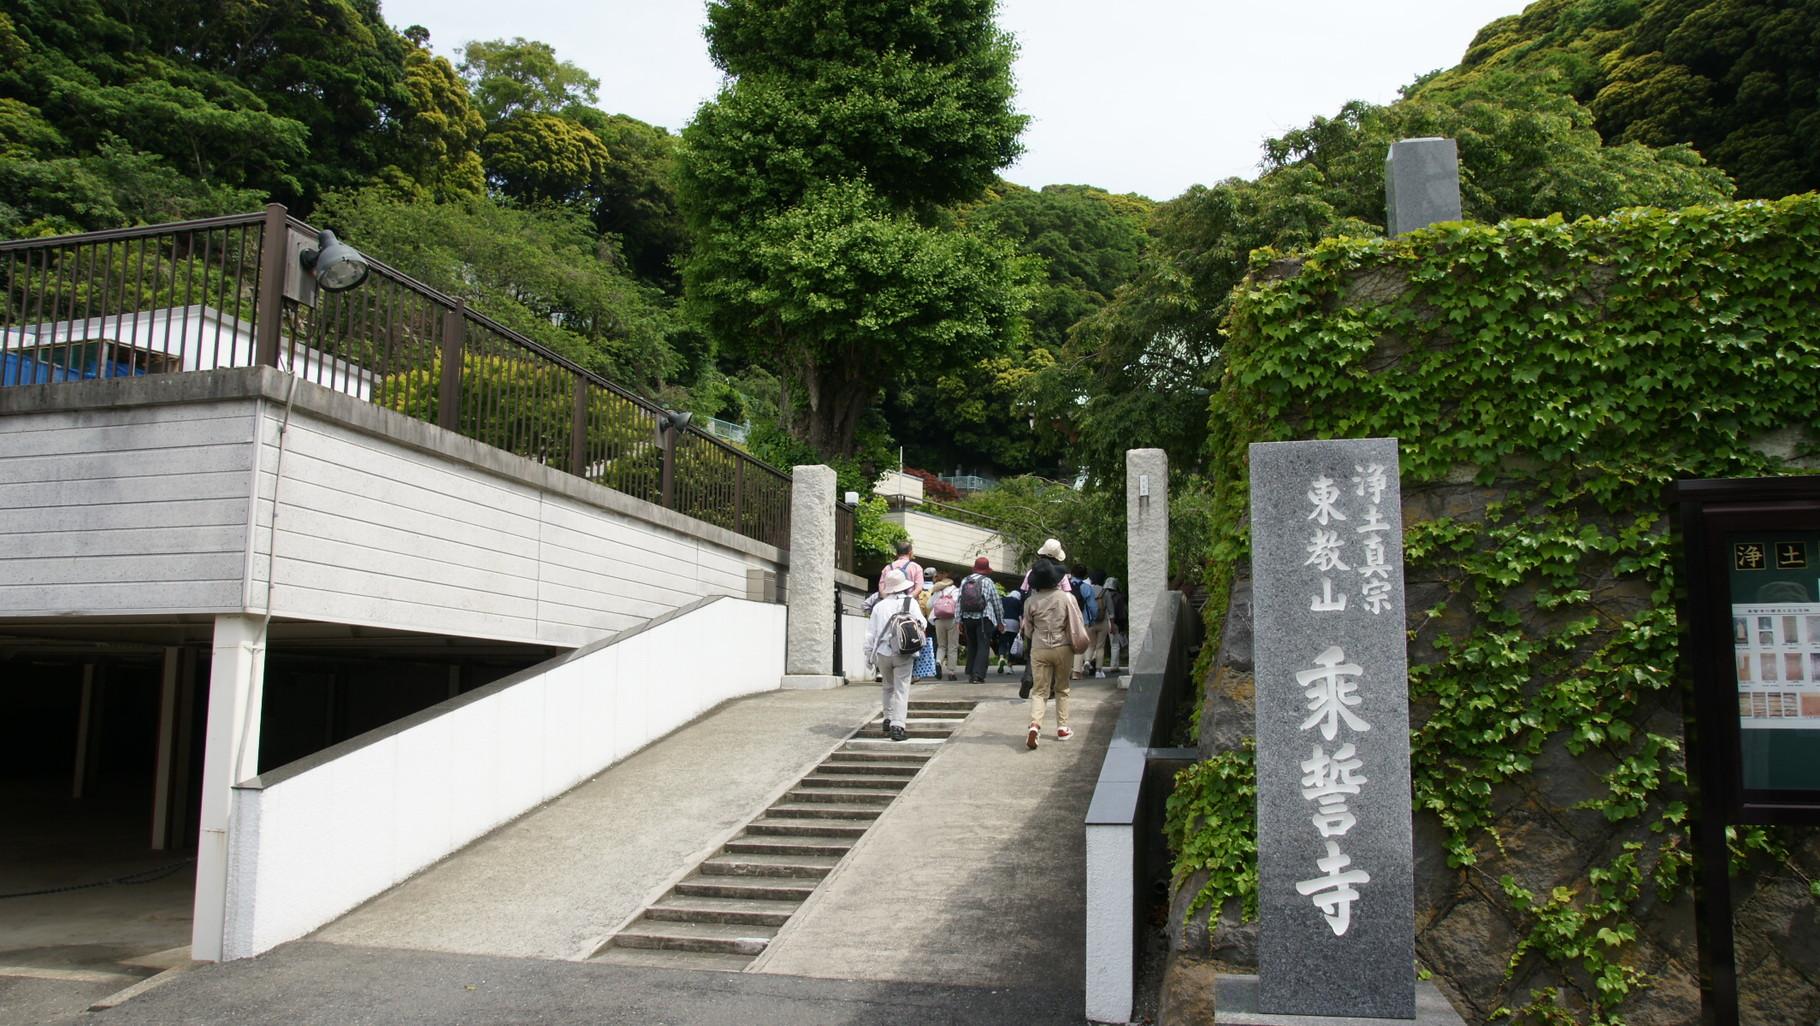 乗誓寺(じょうせいじ)